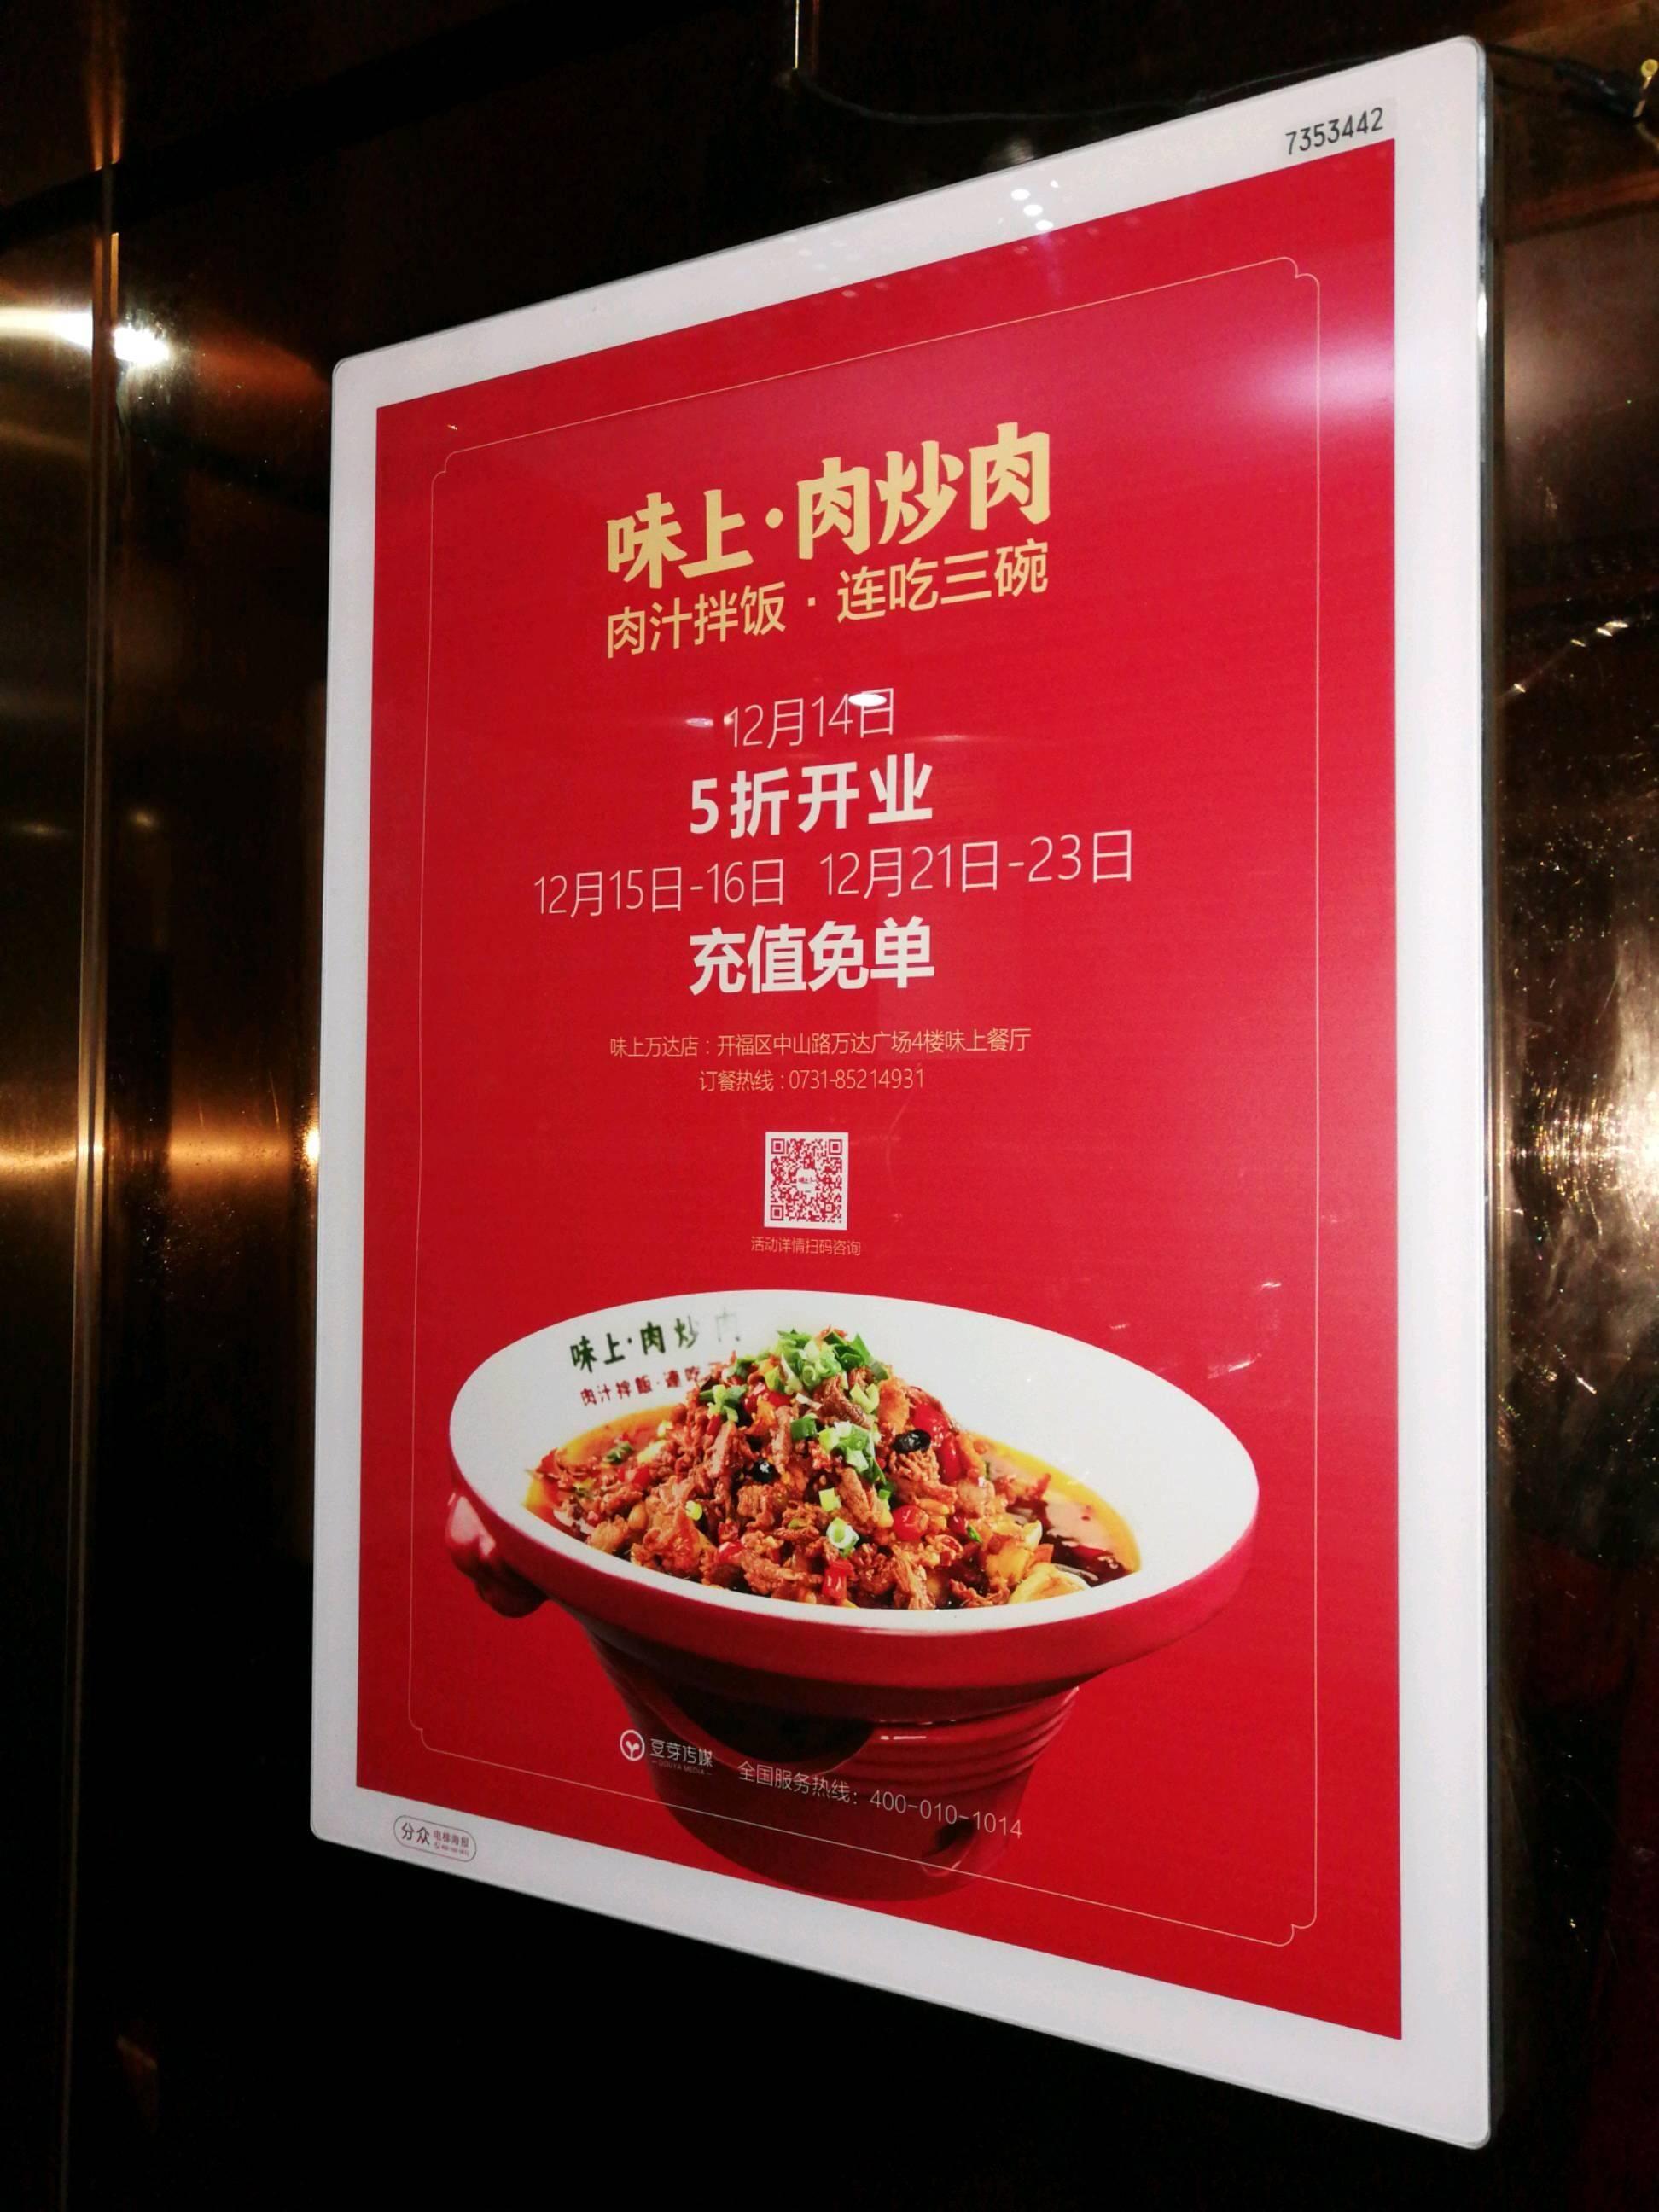 柳州电梯广告公司广告牌框架3.0投放(100框起投)